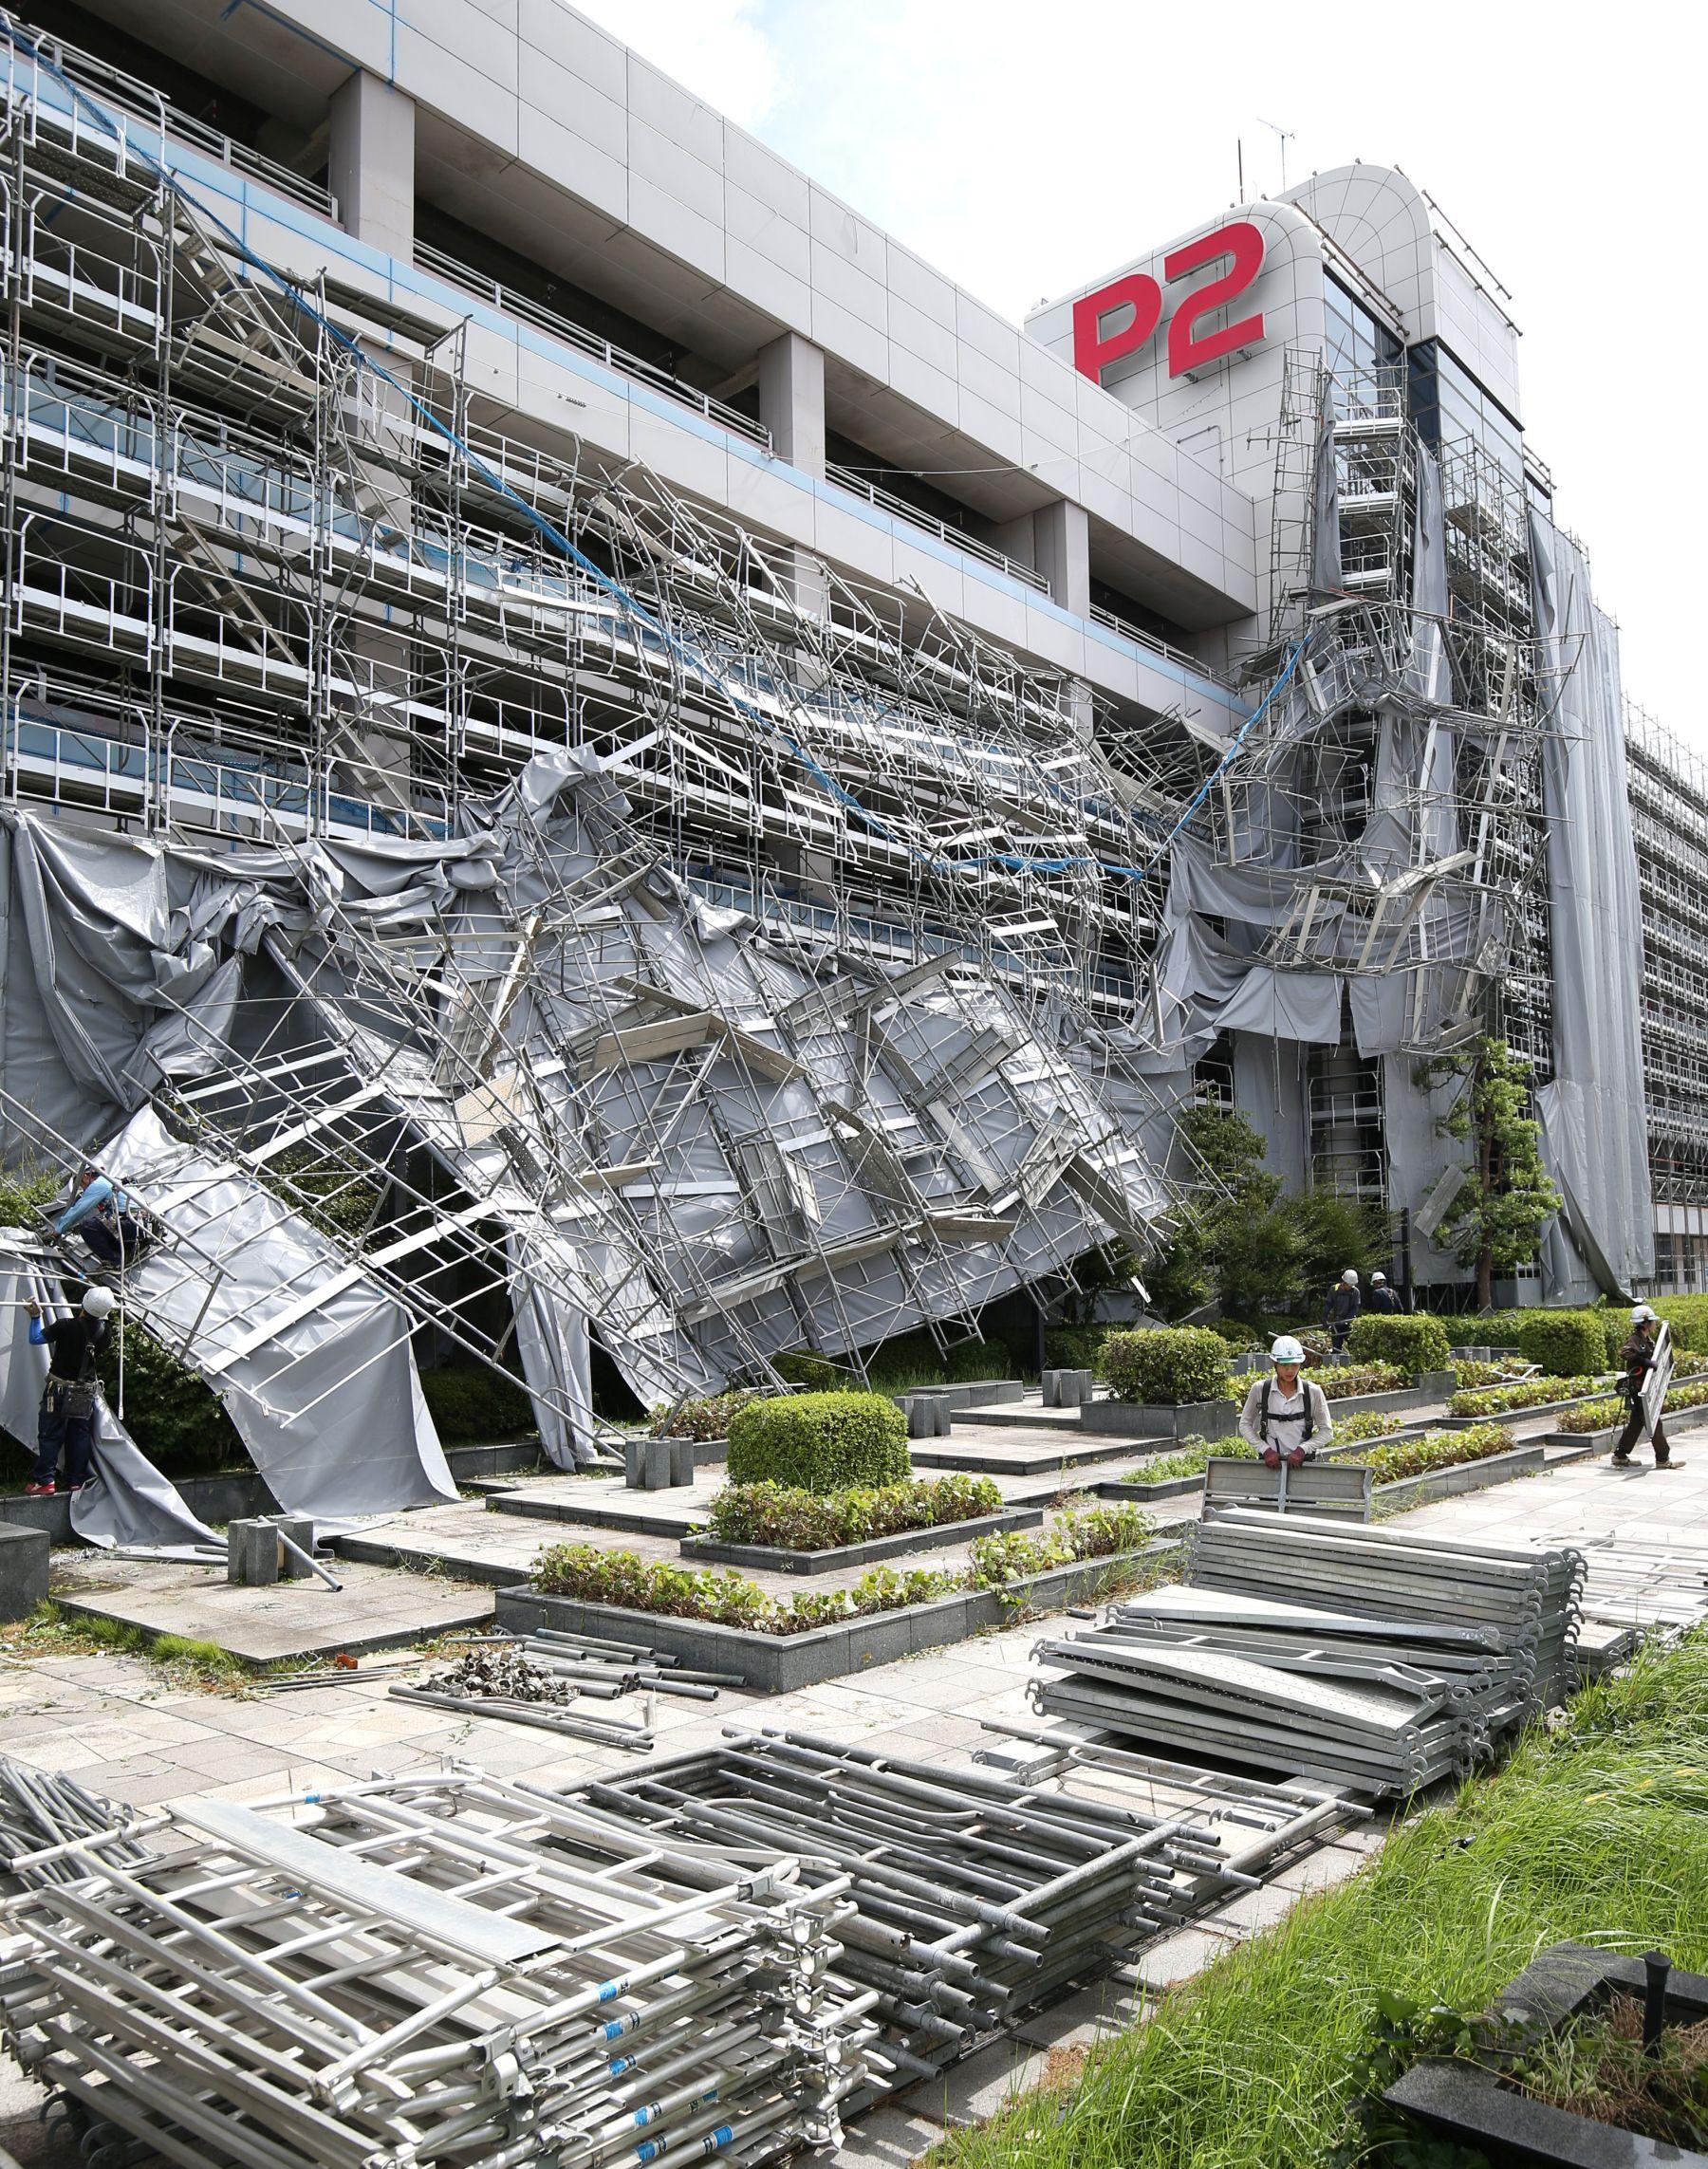 Japan Metro Tokyo Aftermath of Typhoon Faxai